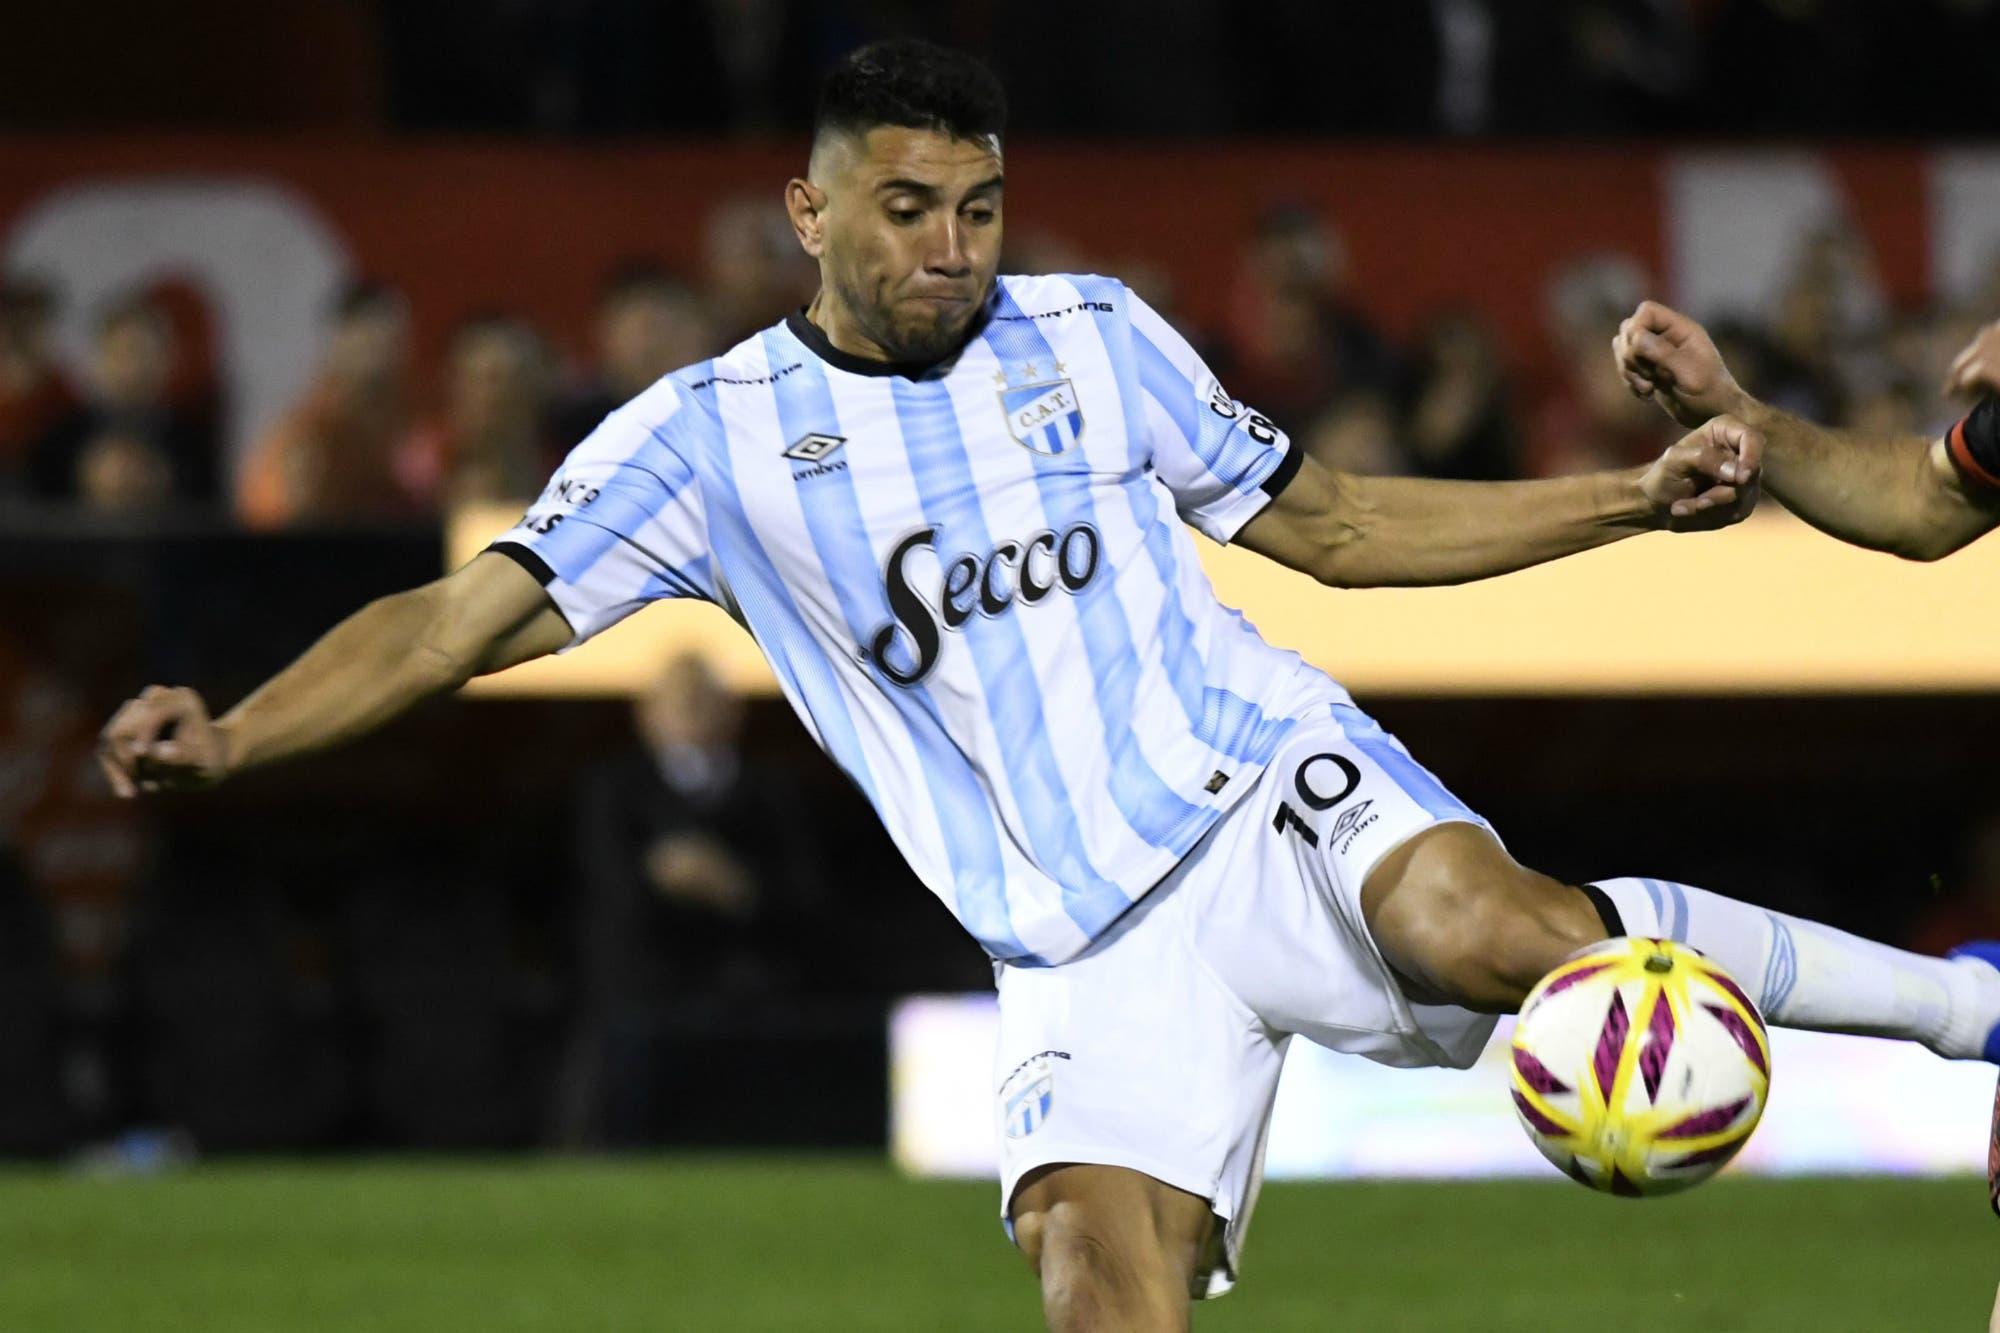 Belgrano-Atlético Tucumán, Superliga: el Decano gana y se acerca al líder Racing